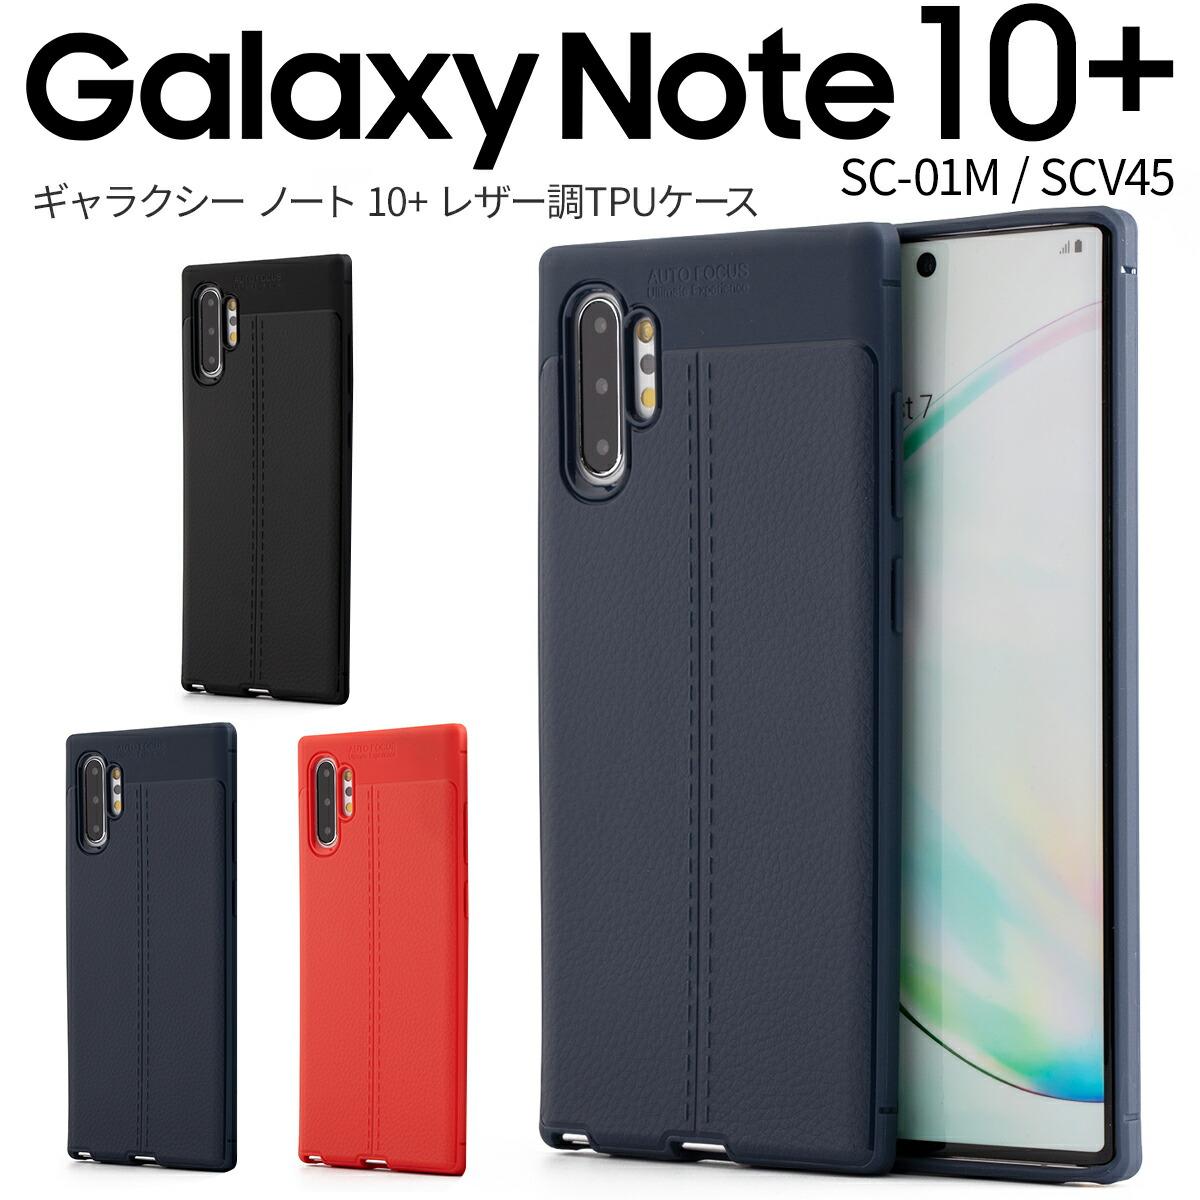 メール便送料無料 Galaxy Note10+ SC-01M SCV45 レザー調TPUケース スマホケース 韓国 オープニング 大放出セール スマホ カバー おすすめ ノート10+ ギャラクシー ケース 出色 かっこいい 人気 おしゃれ シンプル